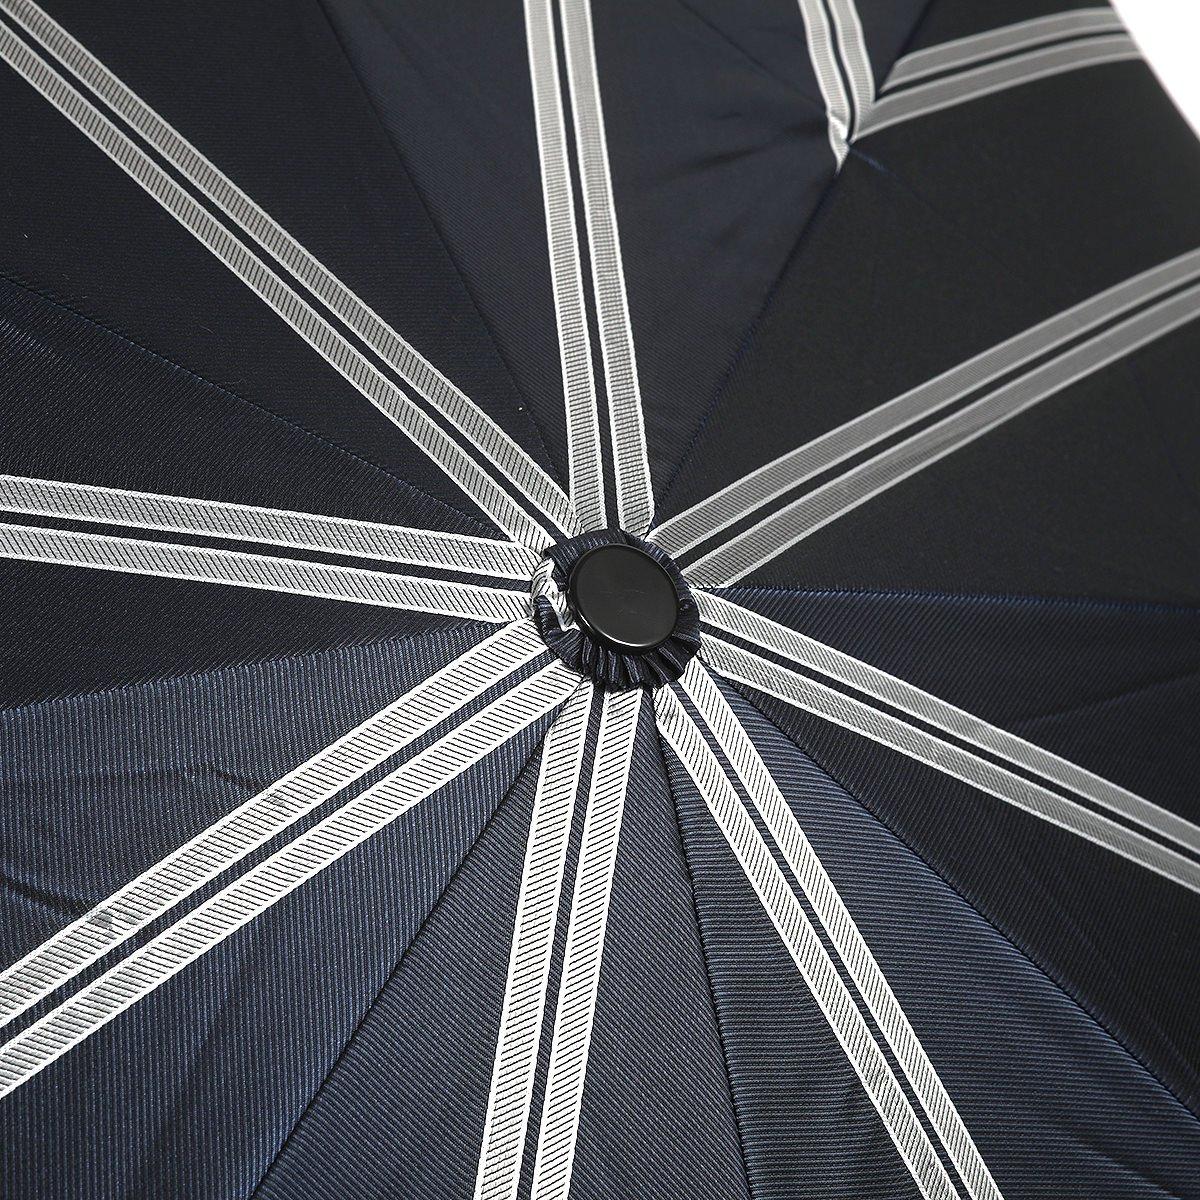 ジャパン トラッド 耐風骨 折りたたみ傘 詳細画像7